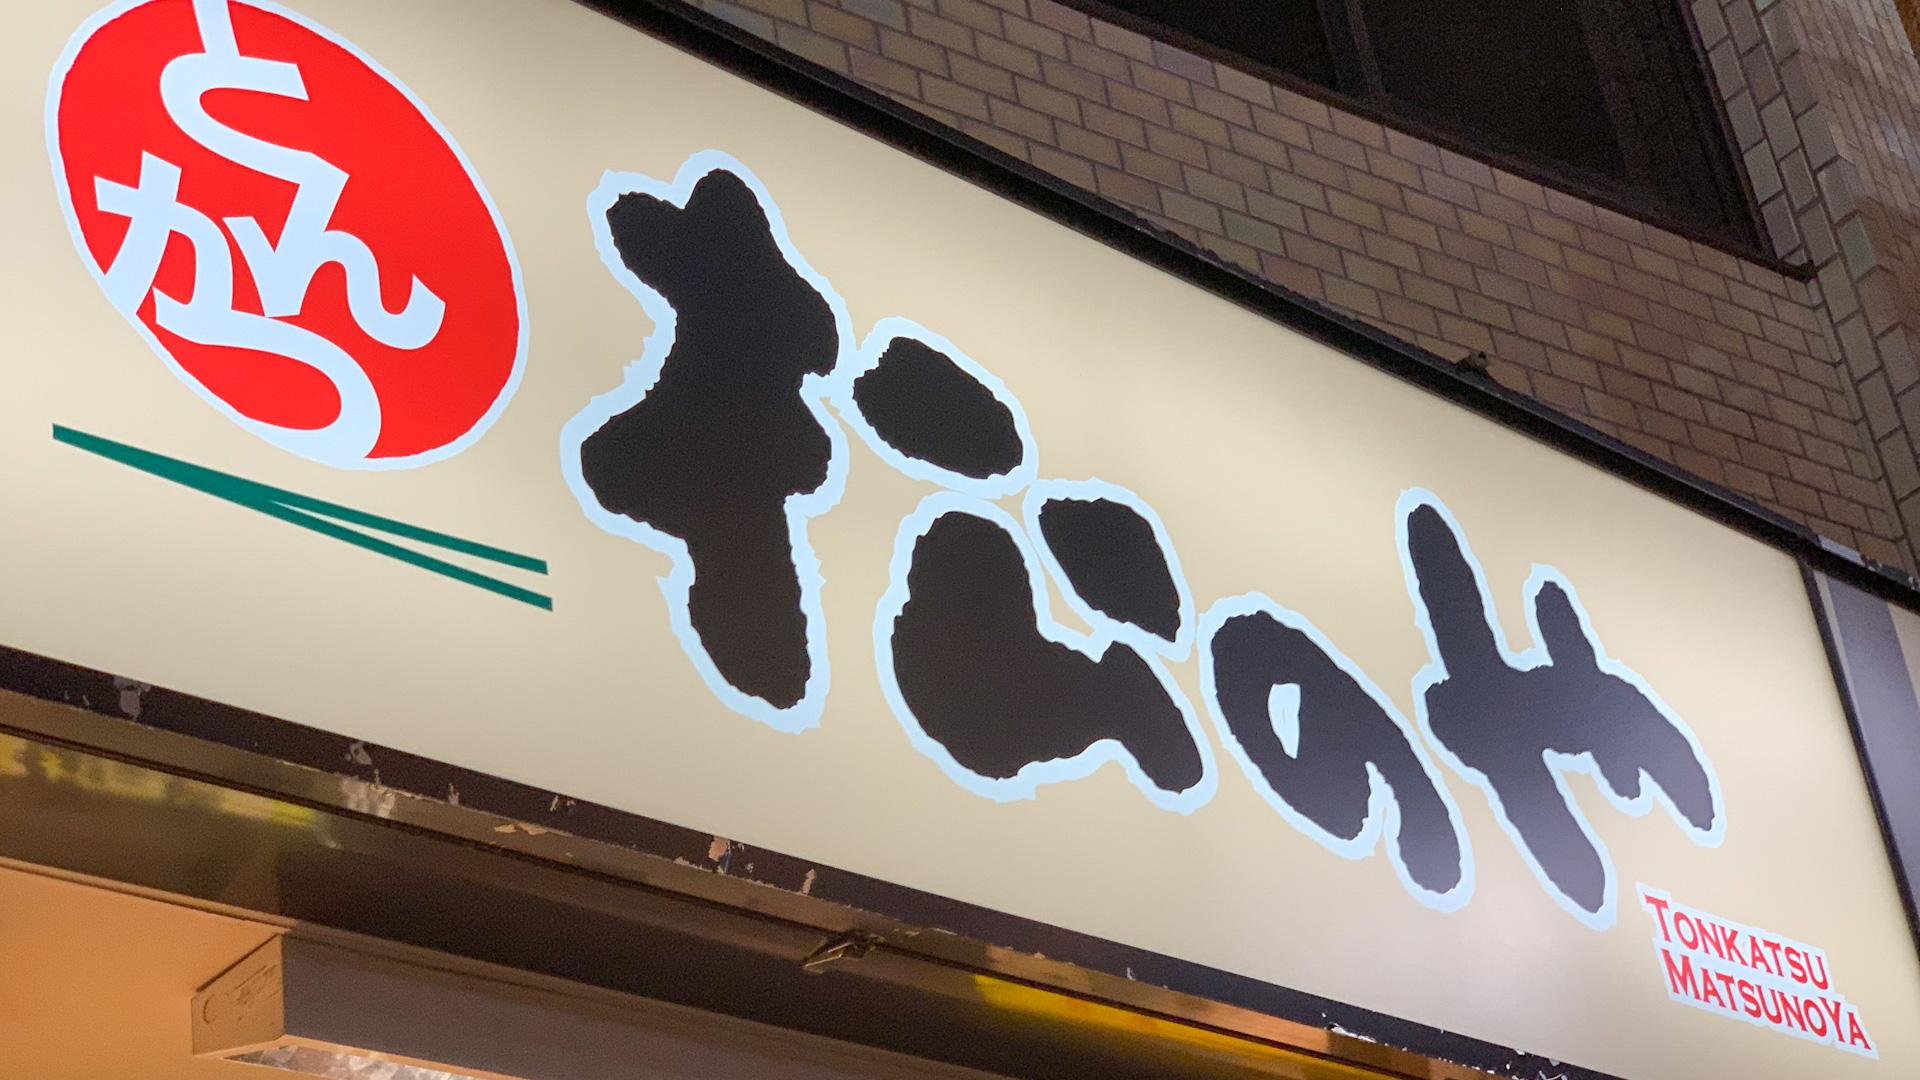 松乃家のおすすめメニュー特集!定番とんかつから朝食・お持ち帰りも!